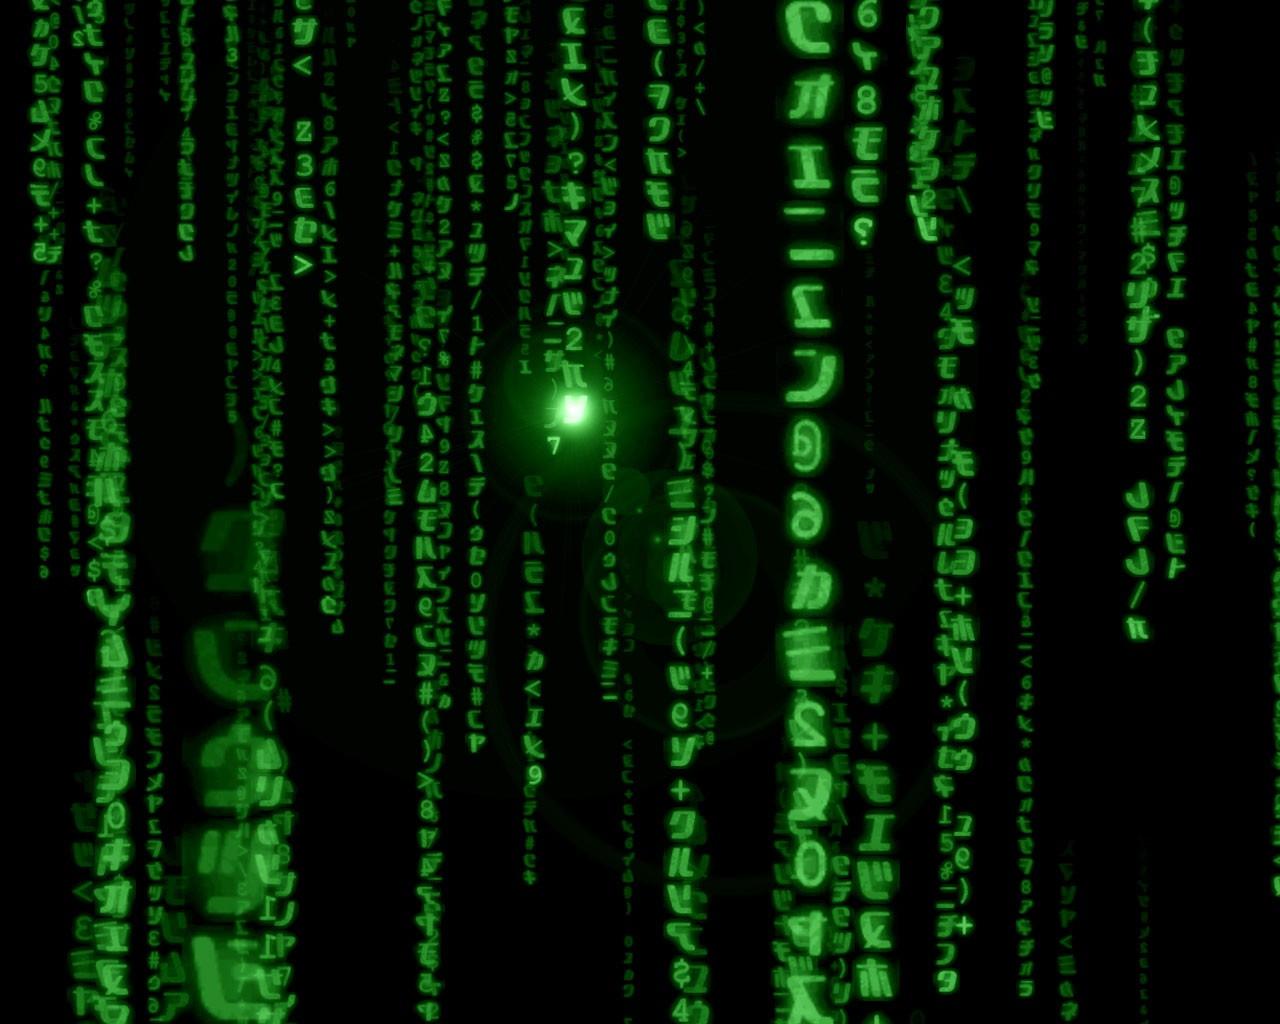 Matrix Code Wallpaper 1280x1024 Matrix Code 3D 1280x1024